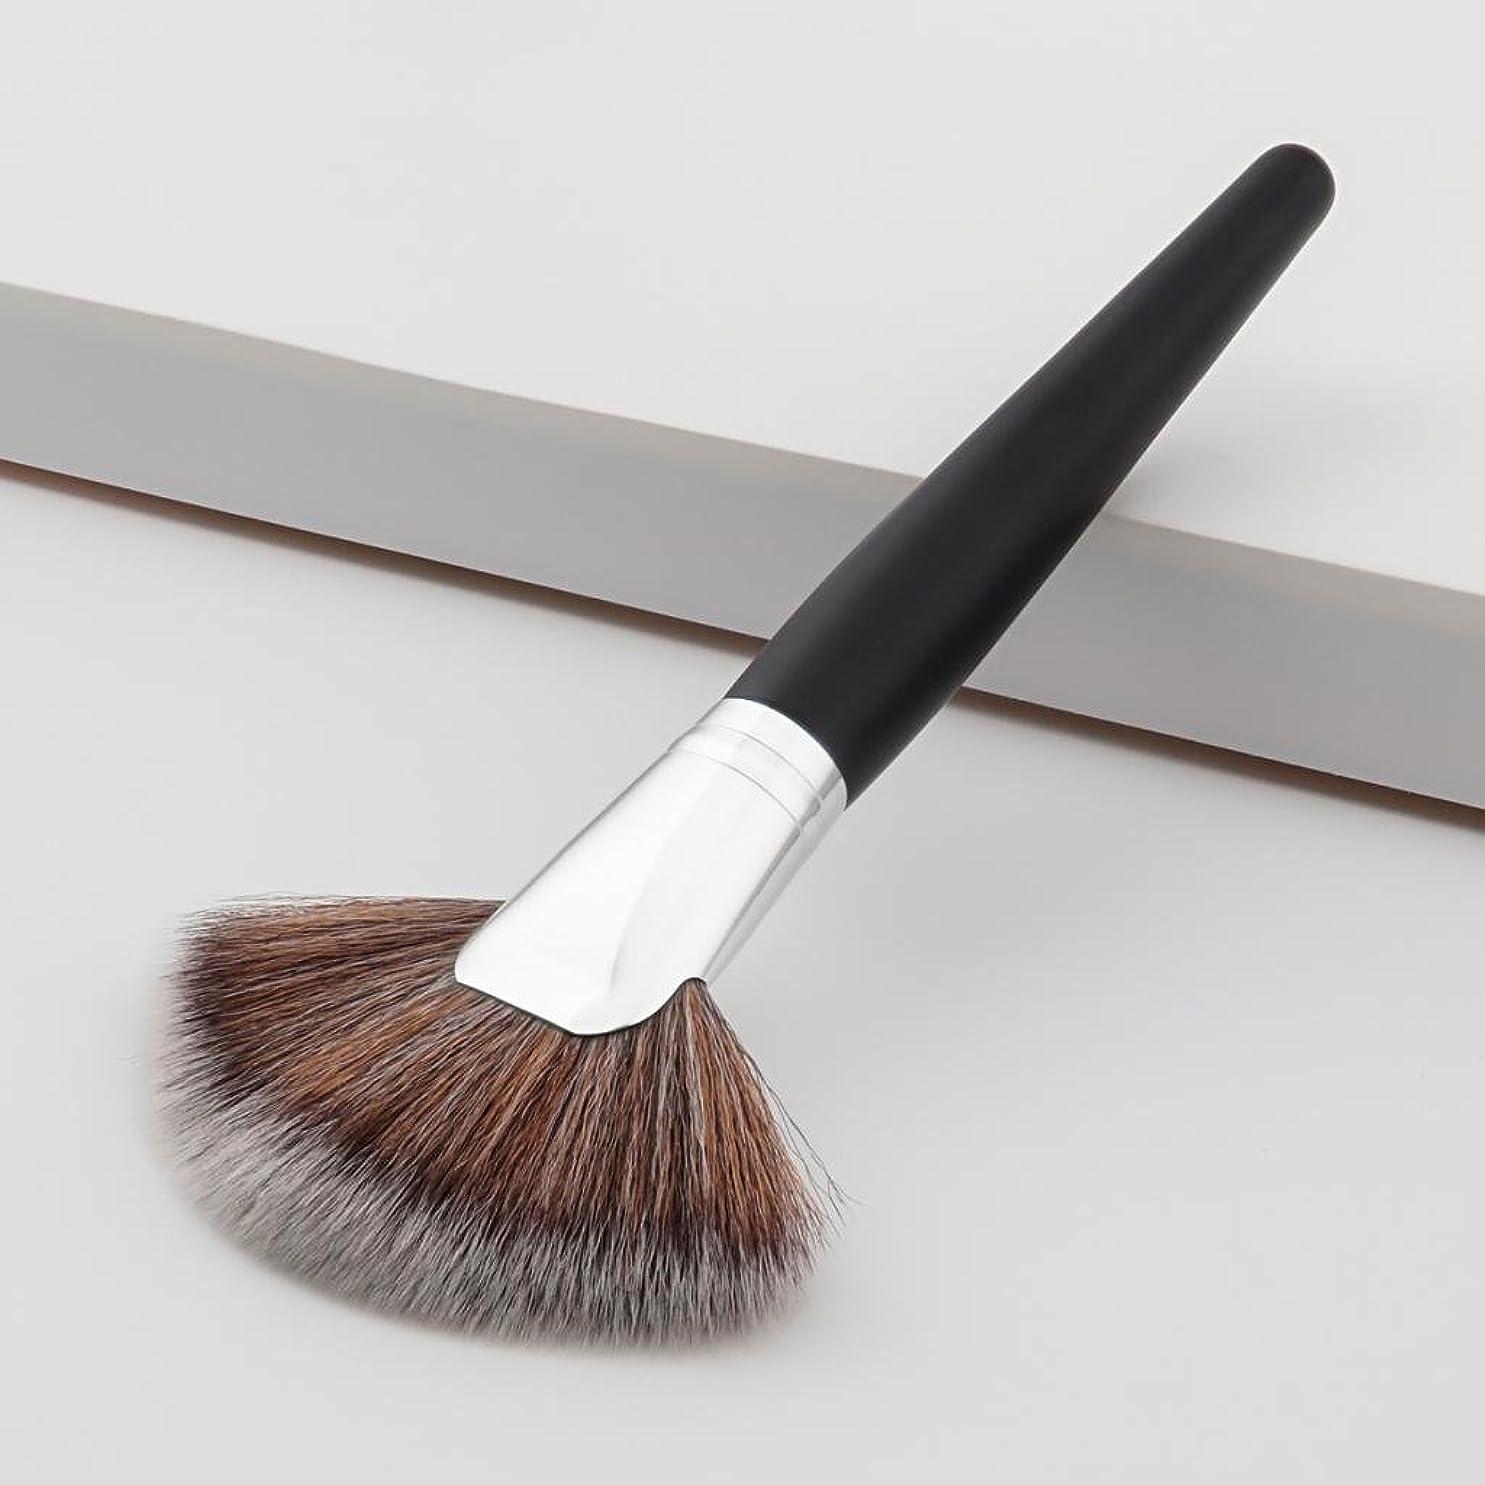 虐待言い聞かせる製造業SM SunniMix 扇形ブラシ 化粧筆 フェイスブラシ チークブラシ 木製ハンドル 専門化粧 品質保証 肌当たり